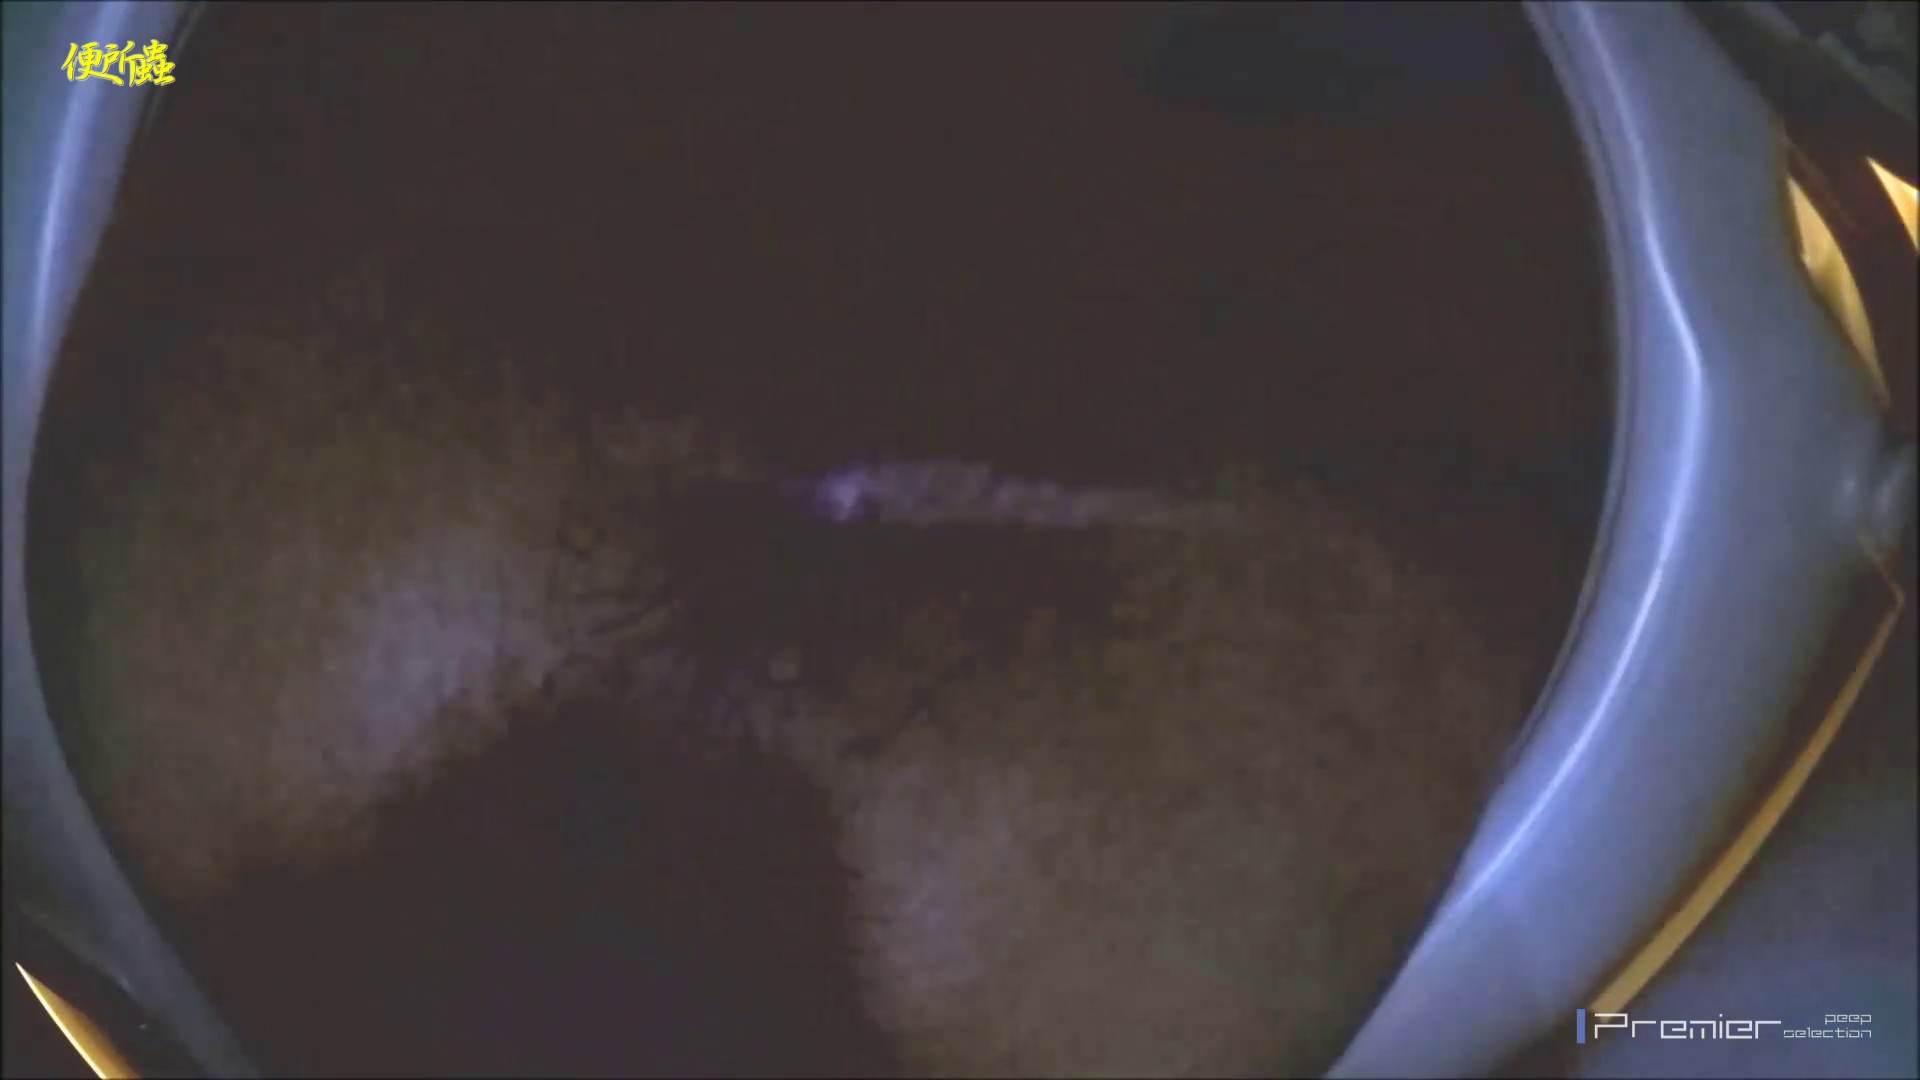 vol.06 便所蟲さんのリターン~寺子屋洗面所盗撮~ 女体盗撮  49連発 40